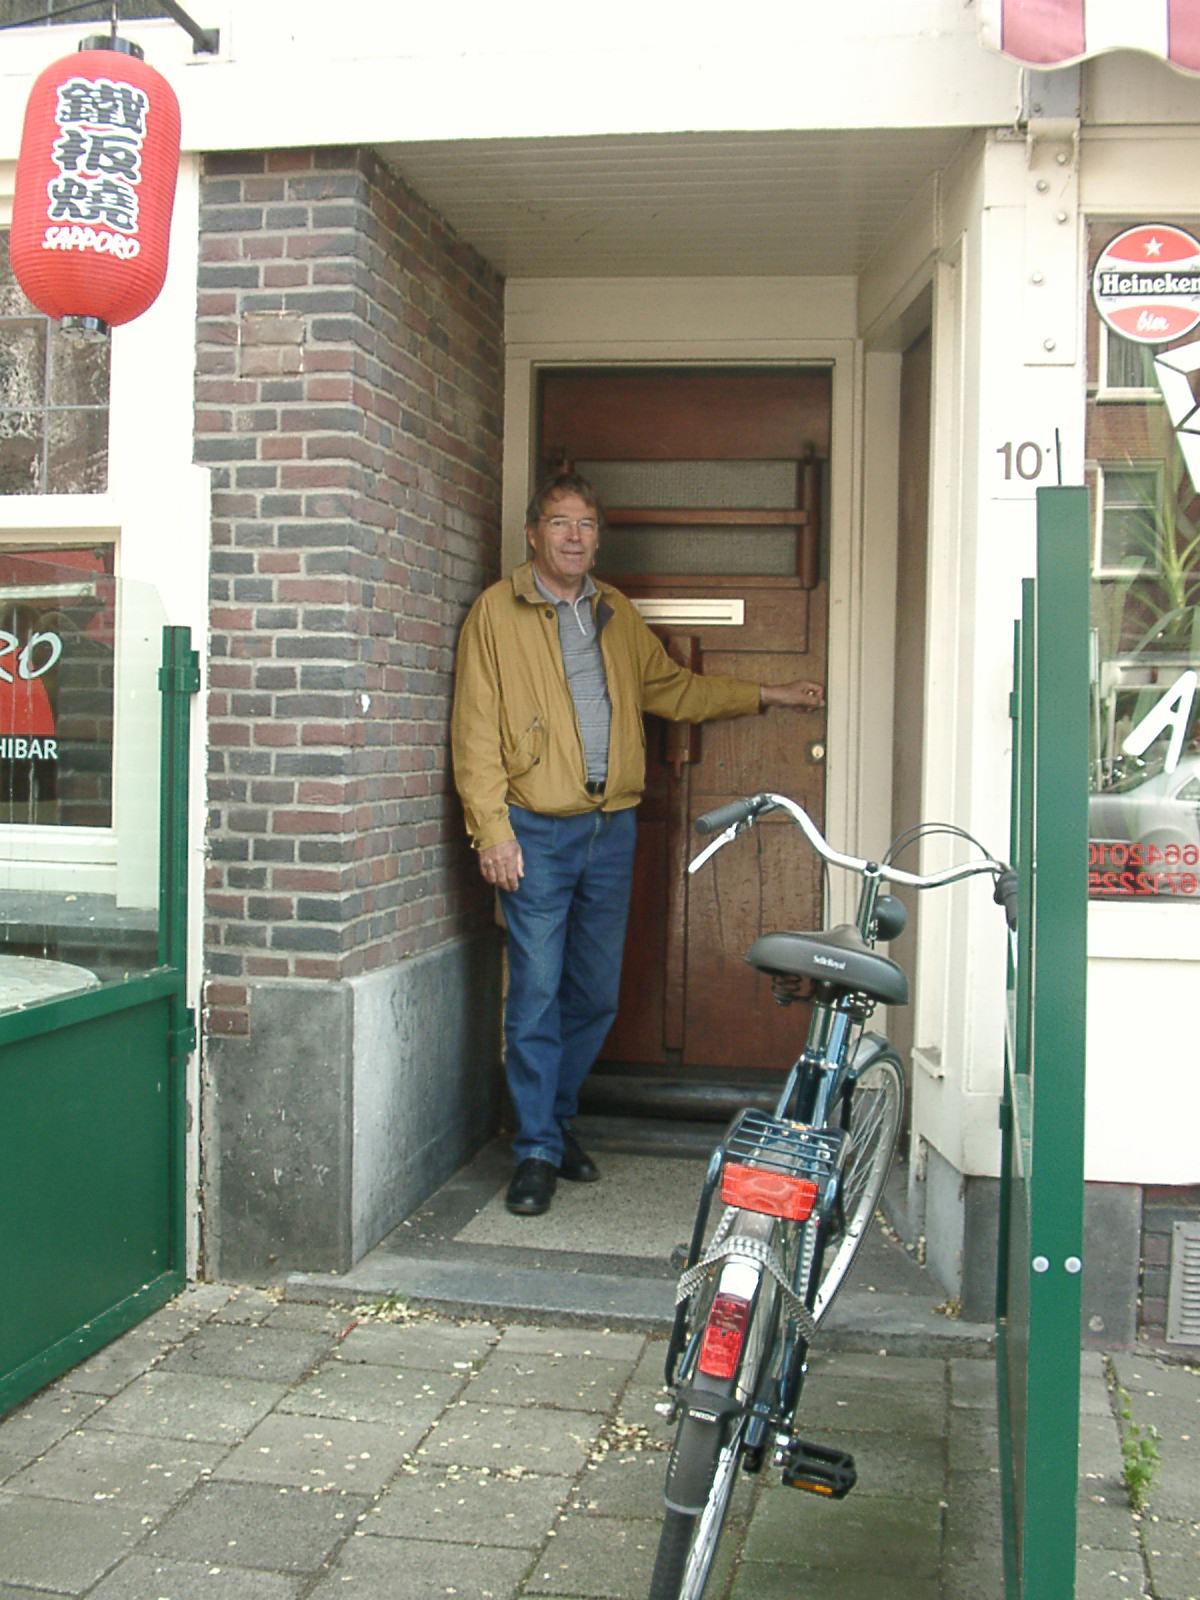 Scheldestraat 101